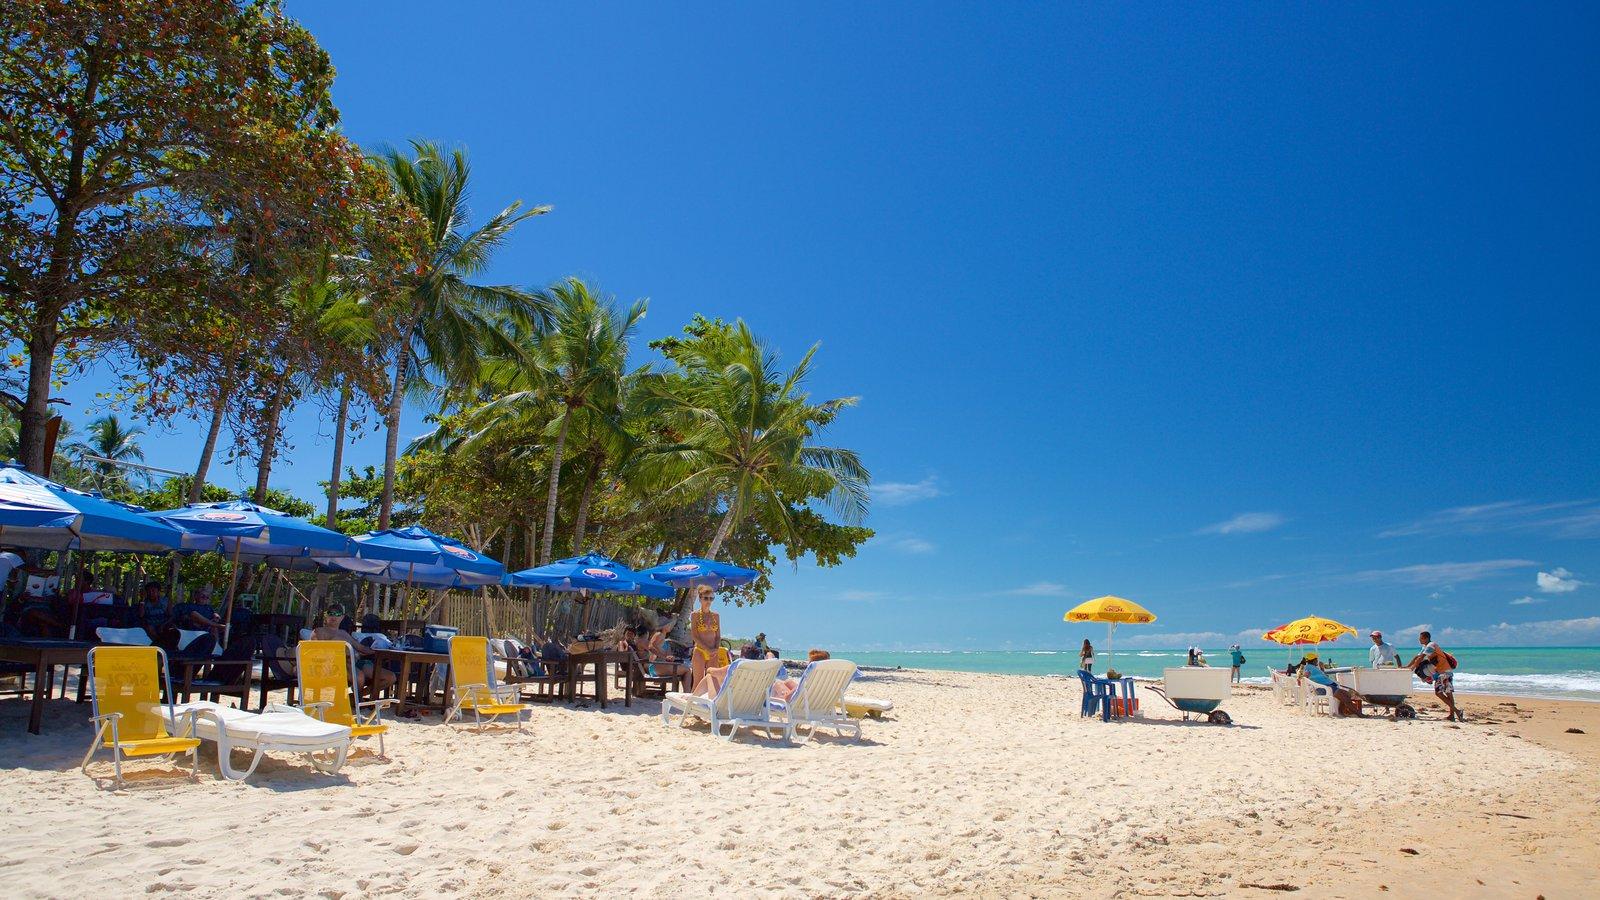 Praia de Pitinga mostrando uma praia e paisagens litorâneas